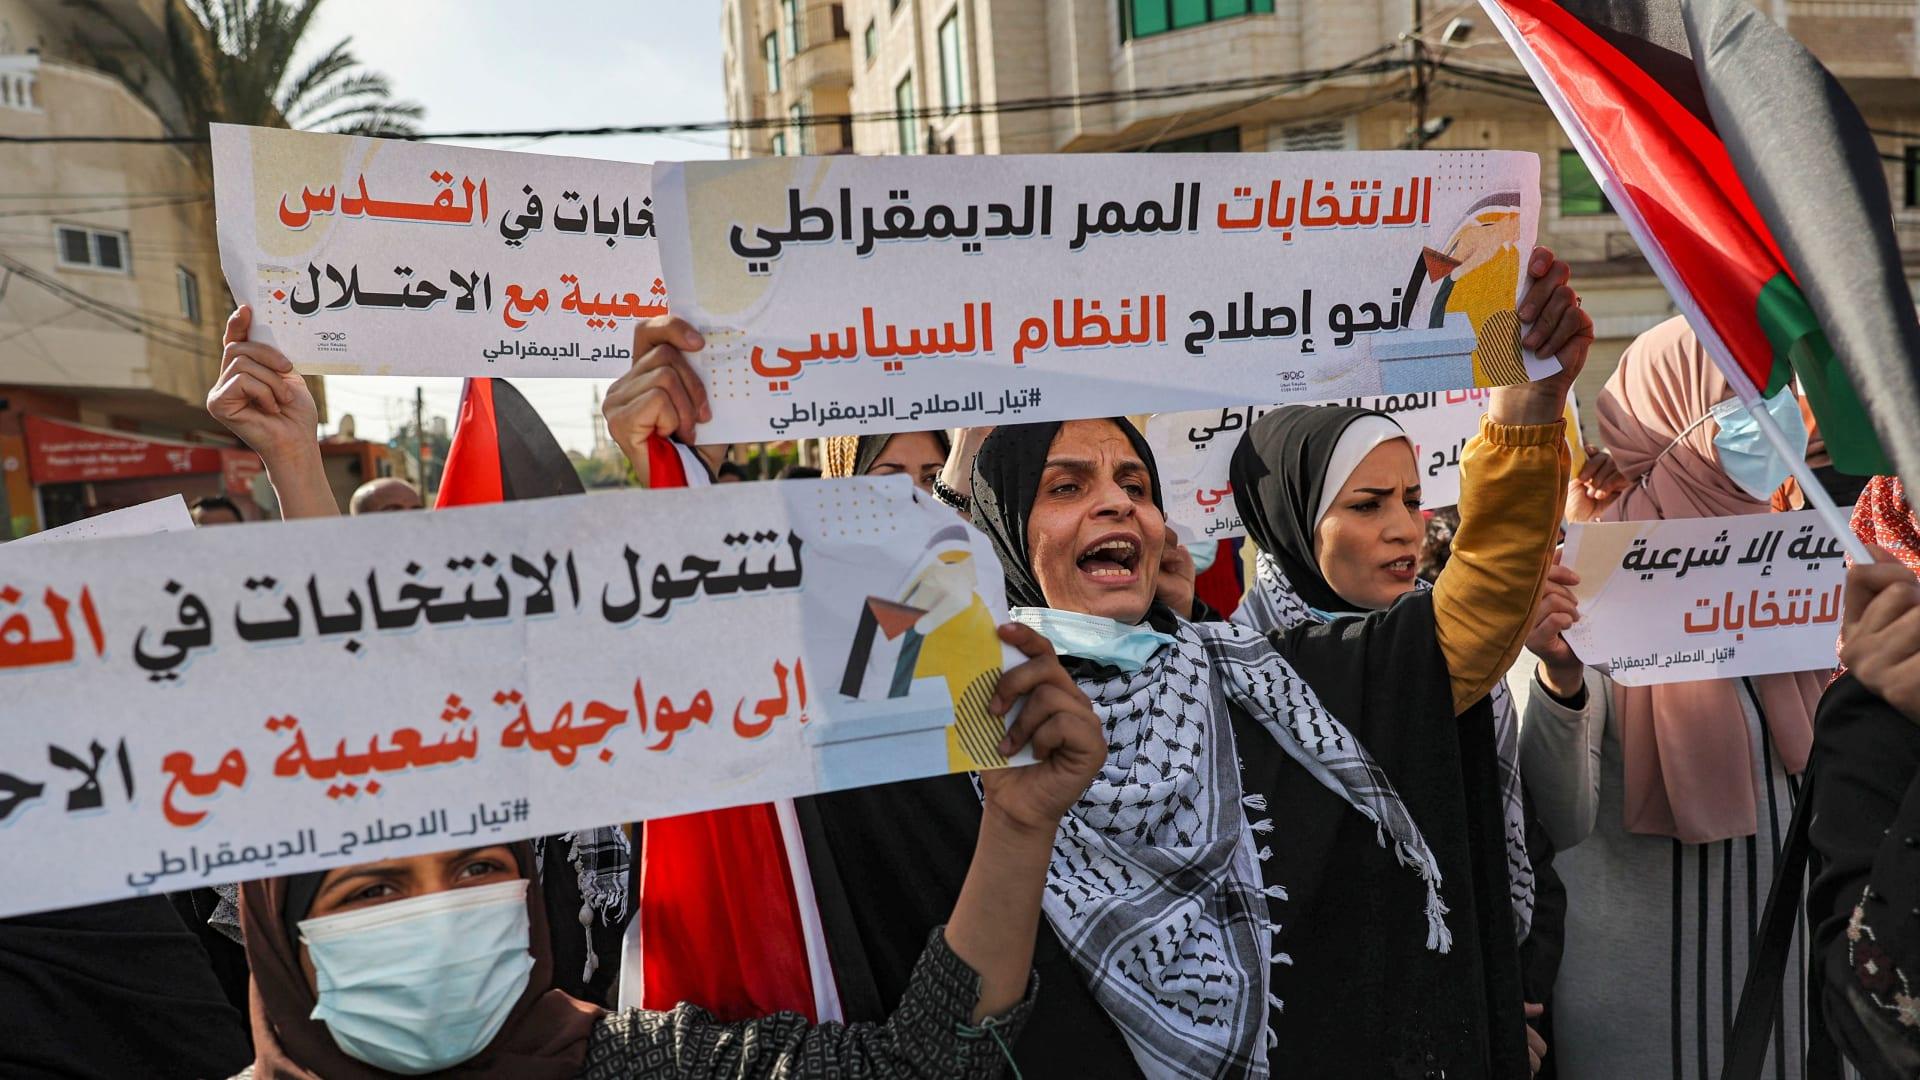 """دول أوروبية: ندعو لإجراء الانتخابات الفلسطينية """"في أقرب وقت ممكن"""".. وهنية يعلن موقفه"""